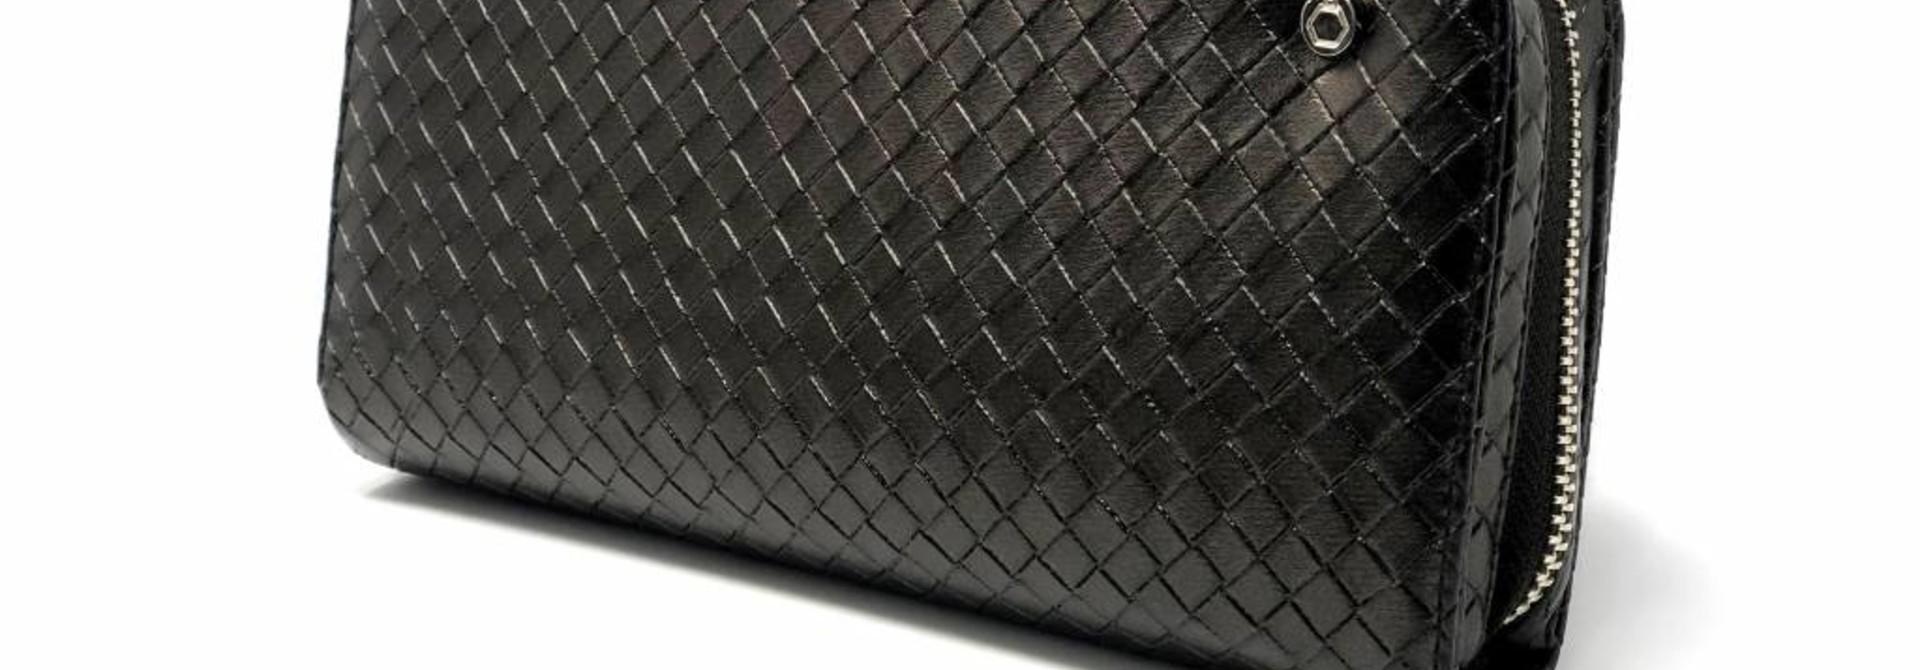 COMBI Bronze Basket (COVER & INLAY) - incl belt